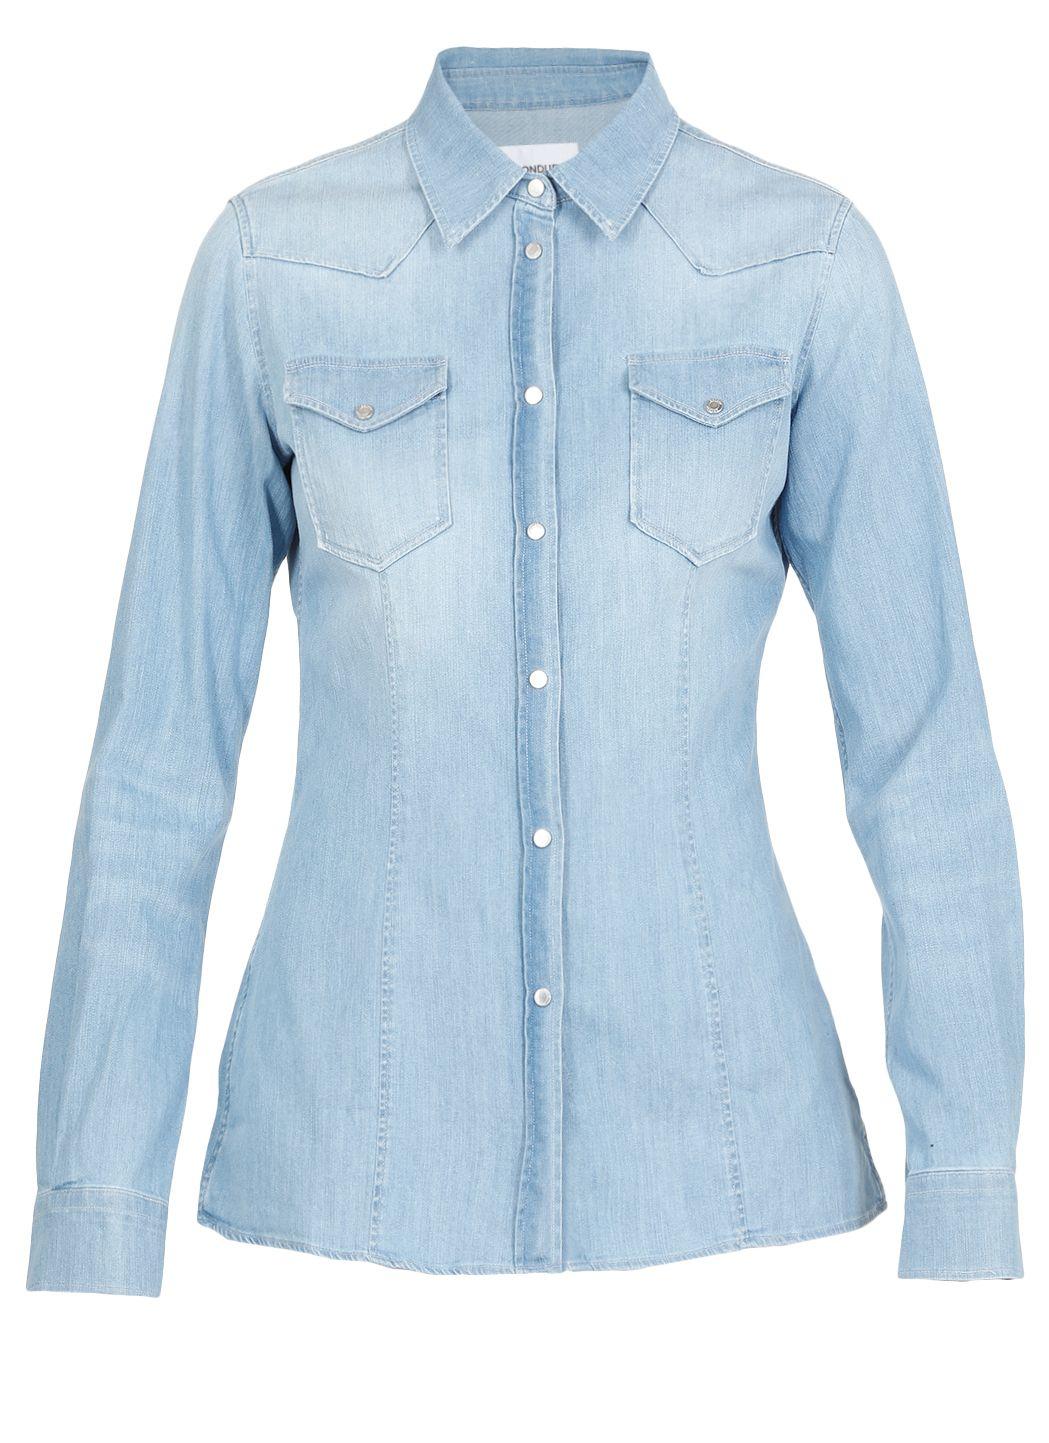 Camicia jeans in misto cotone